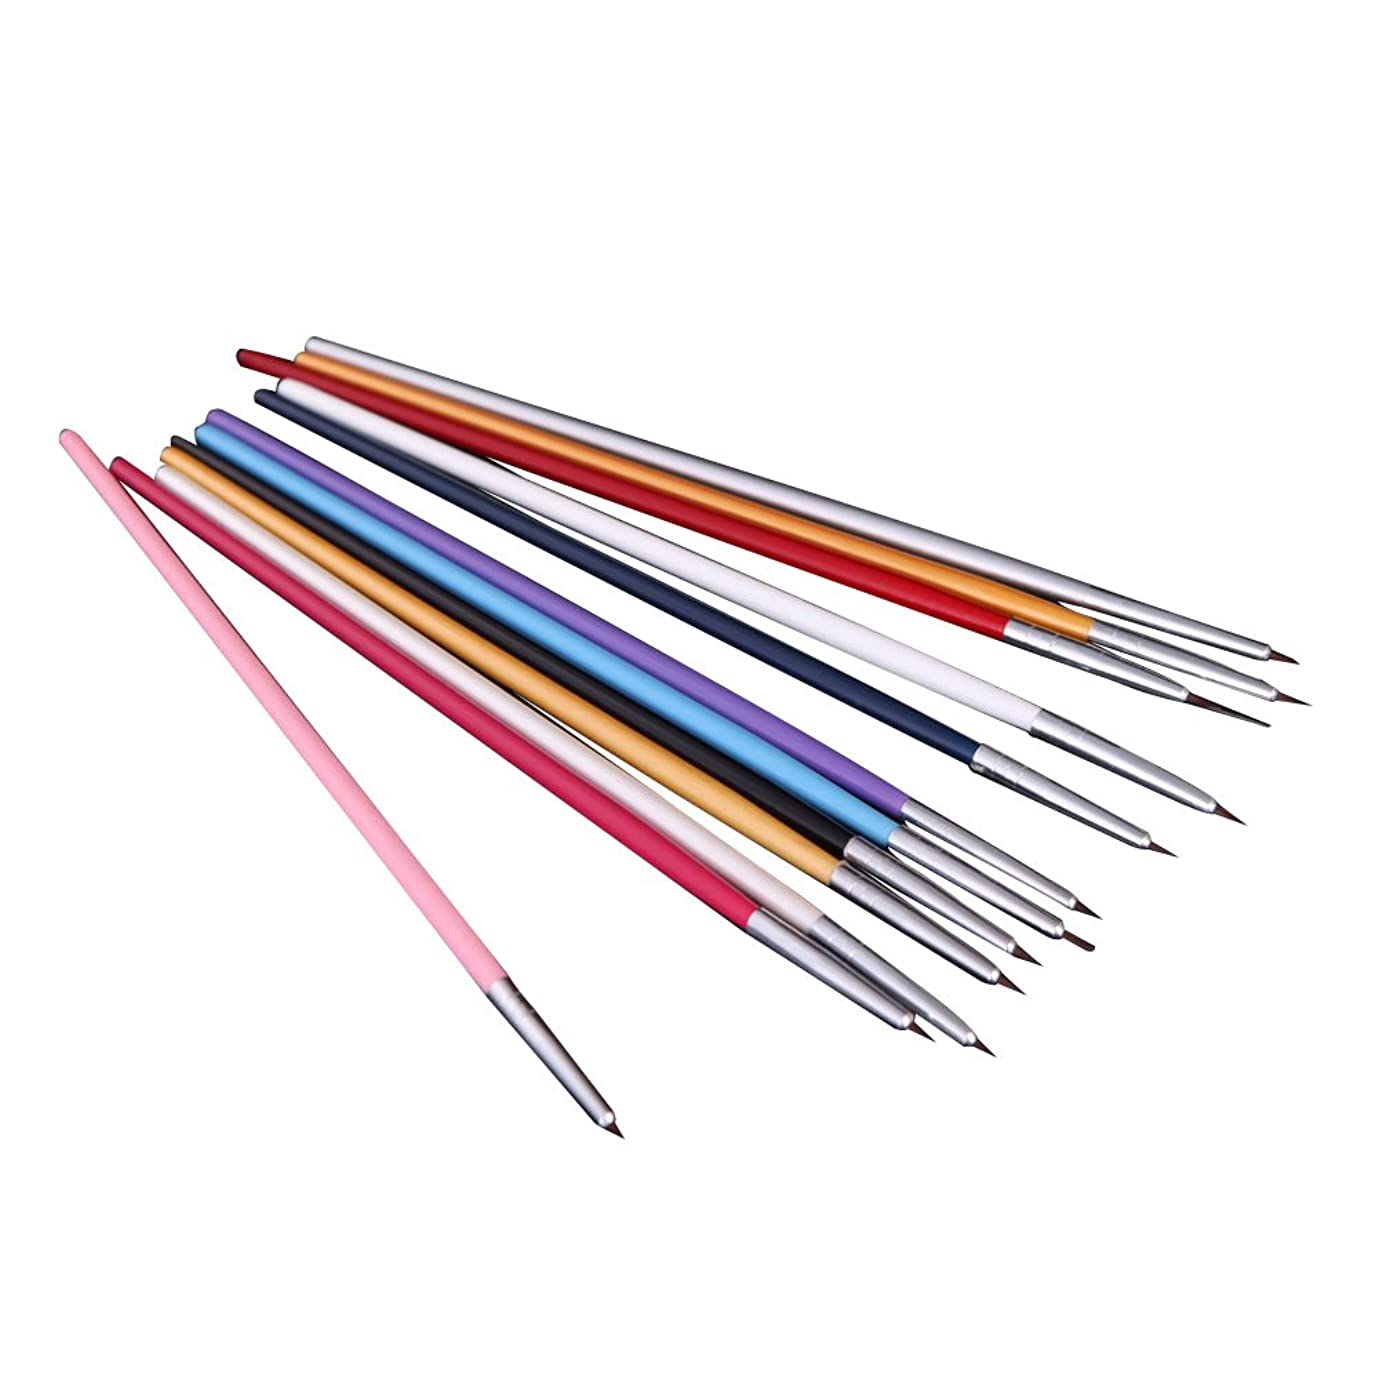 ソーダ水時計爪RETYLY 12xペンとブラシ ネイルアートのため 研磨ネイルペインティングDIY 専門ツール